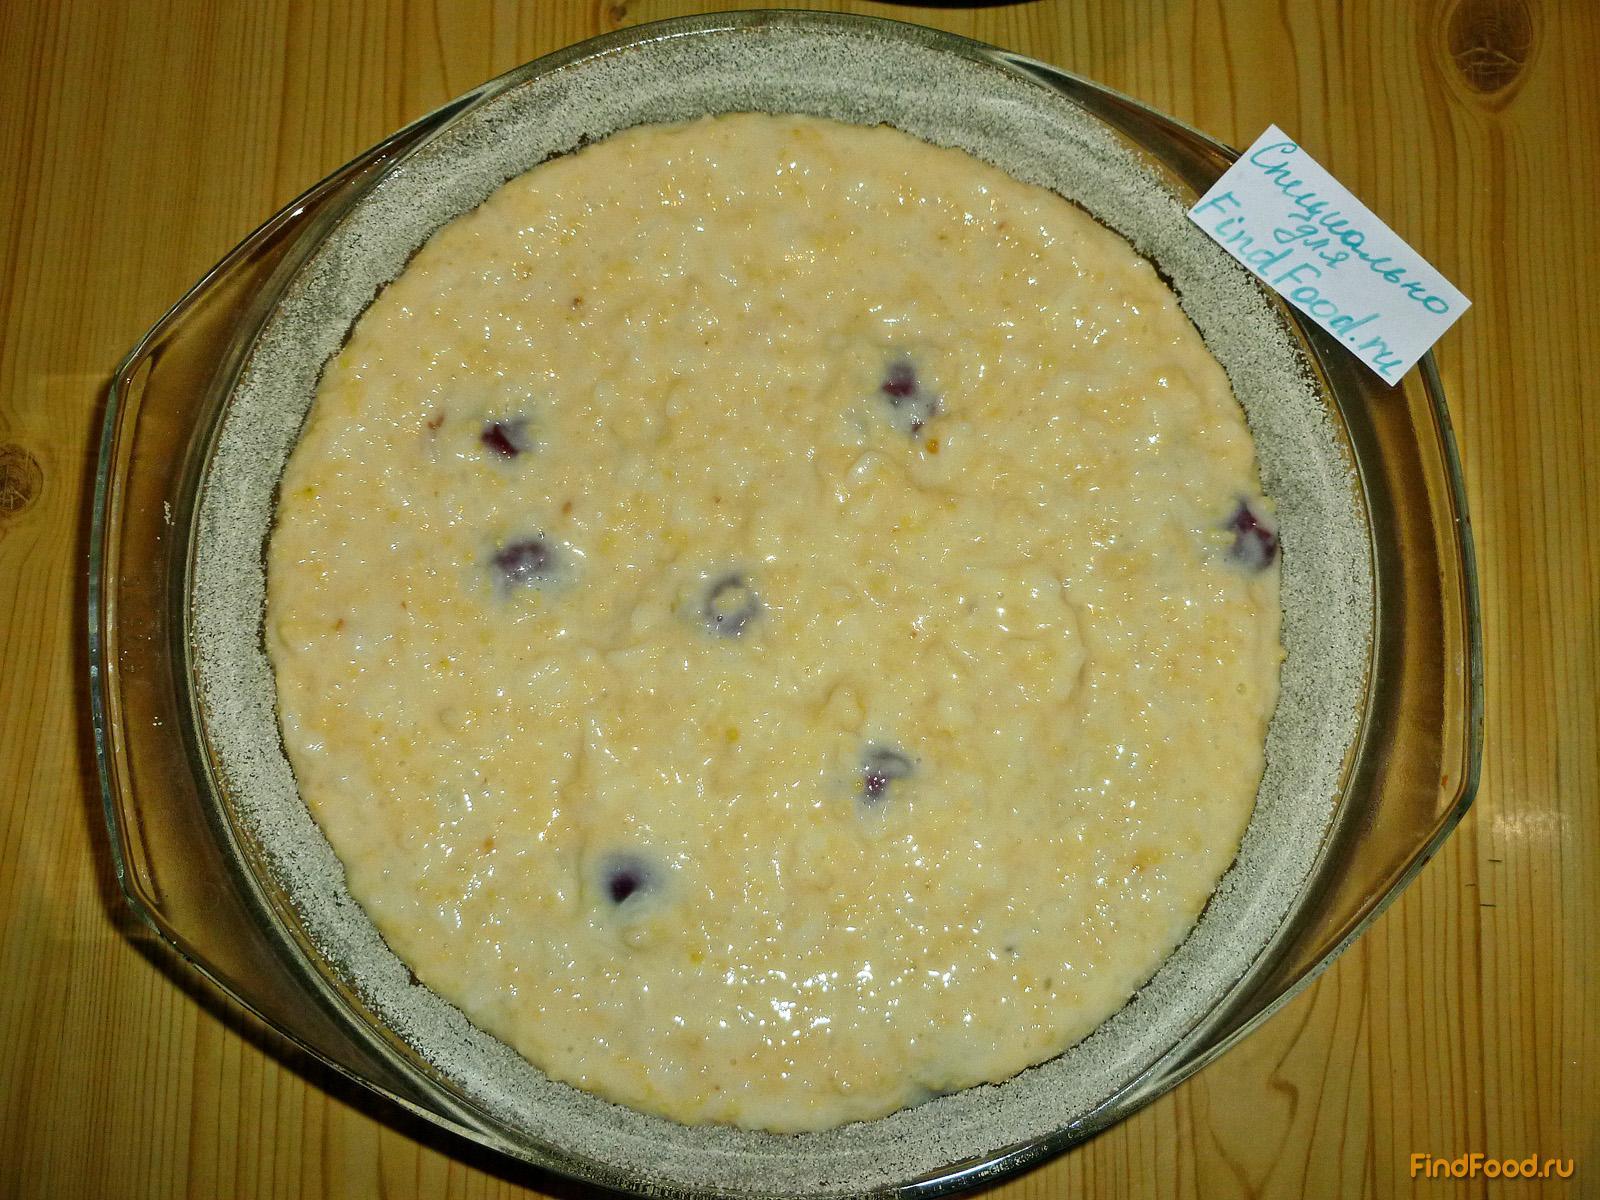 Крупеник из риса и пшена с вишней рецепт с фото 5-го шага